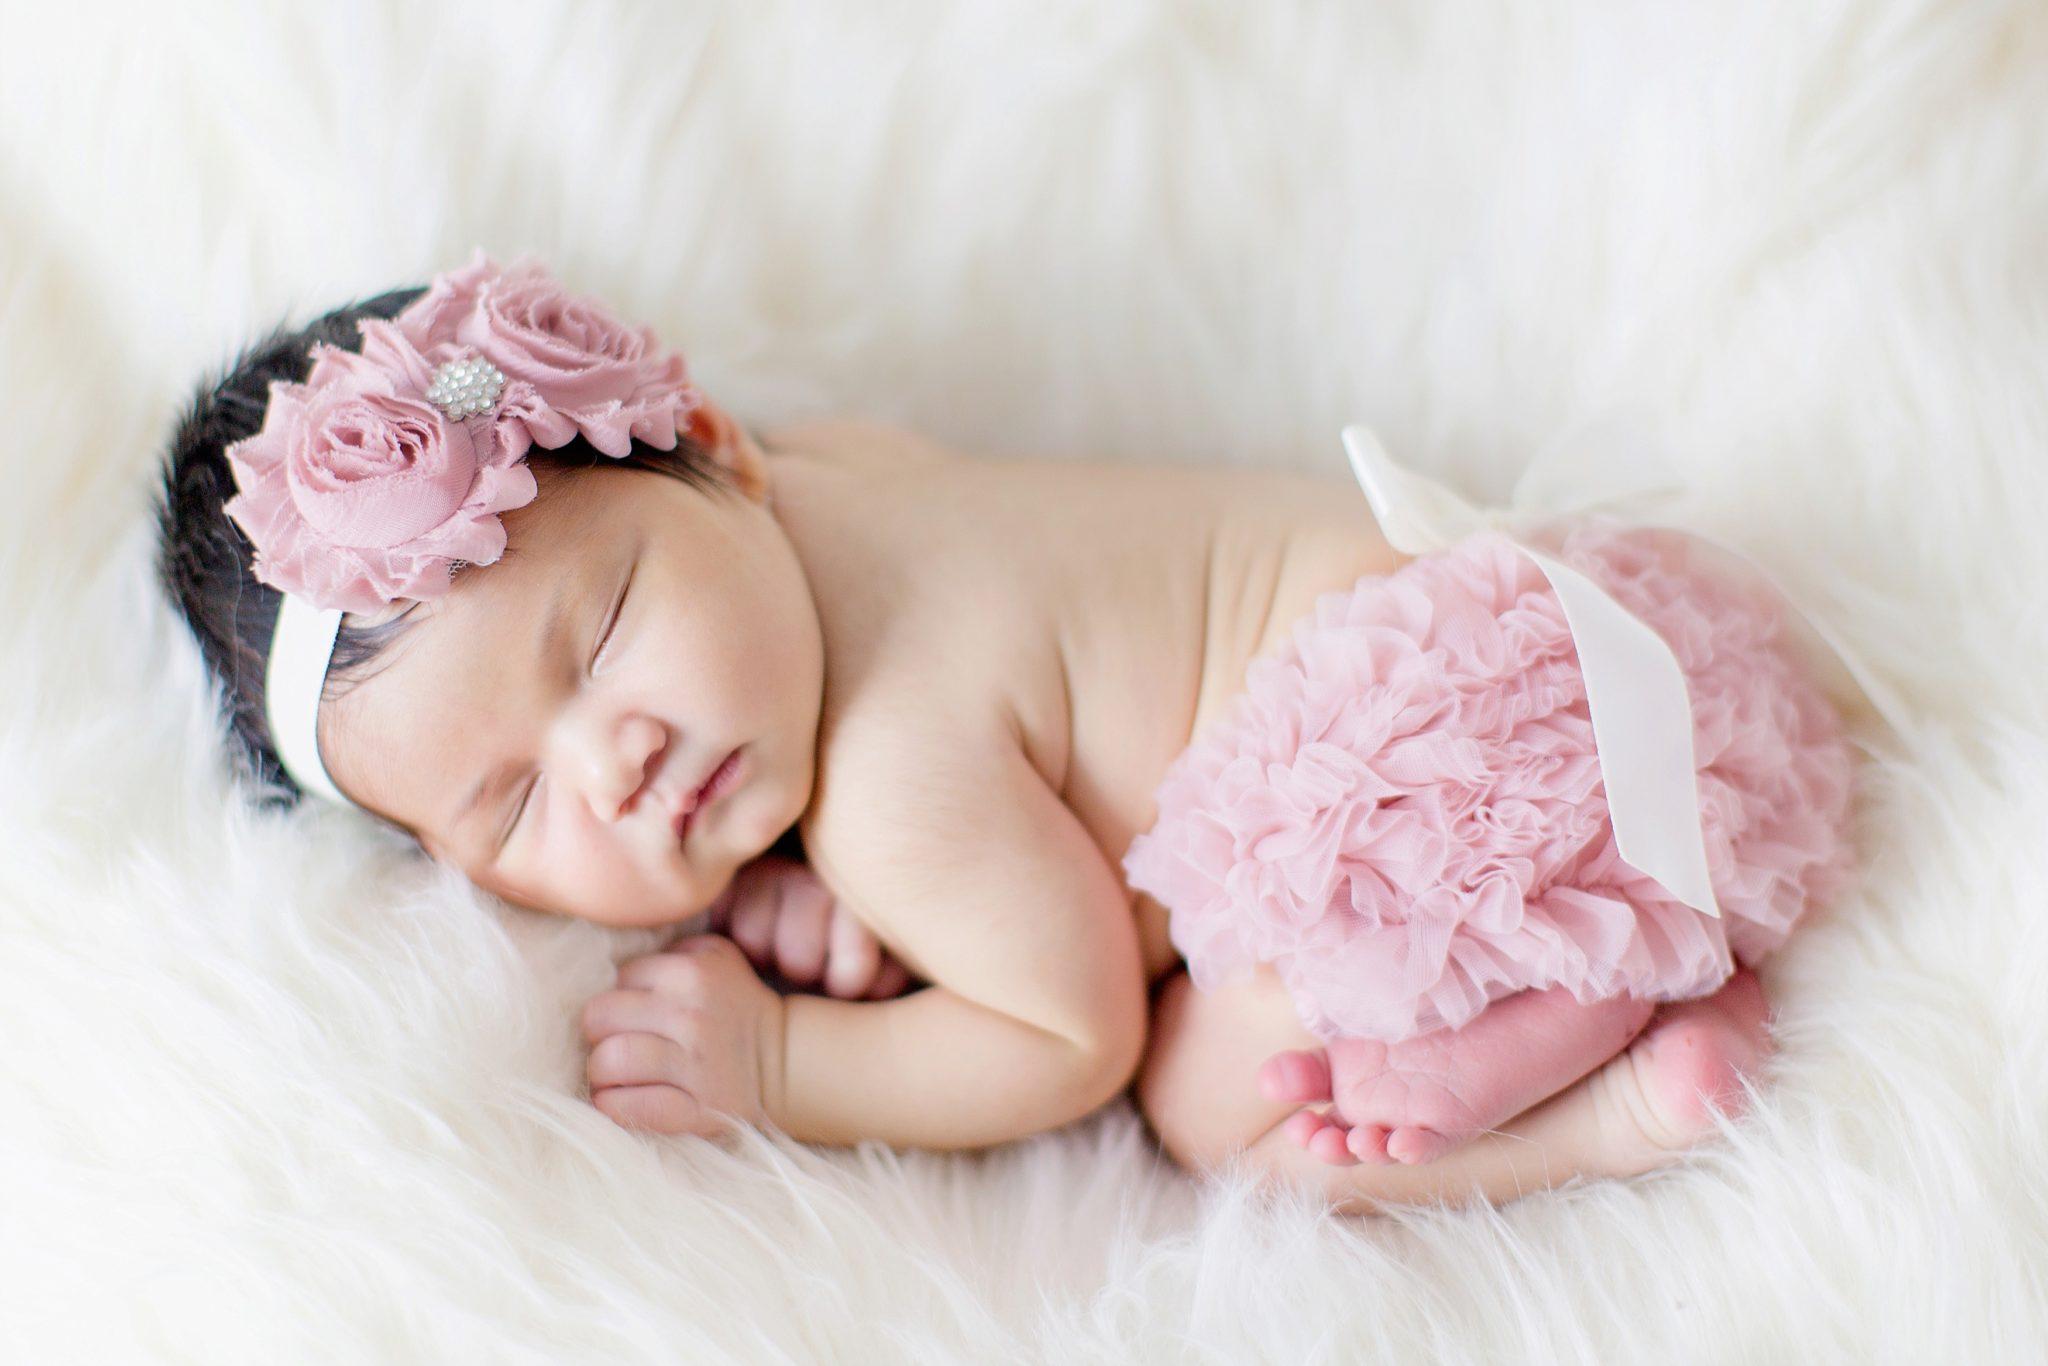 abigail_newborn_3